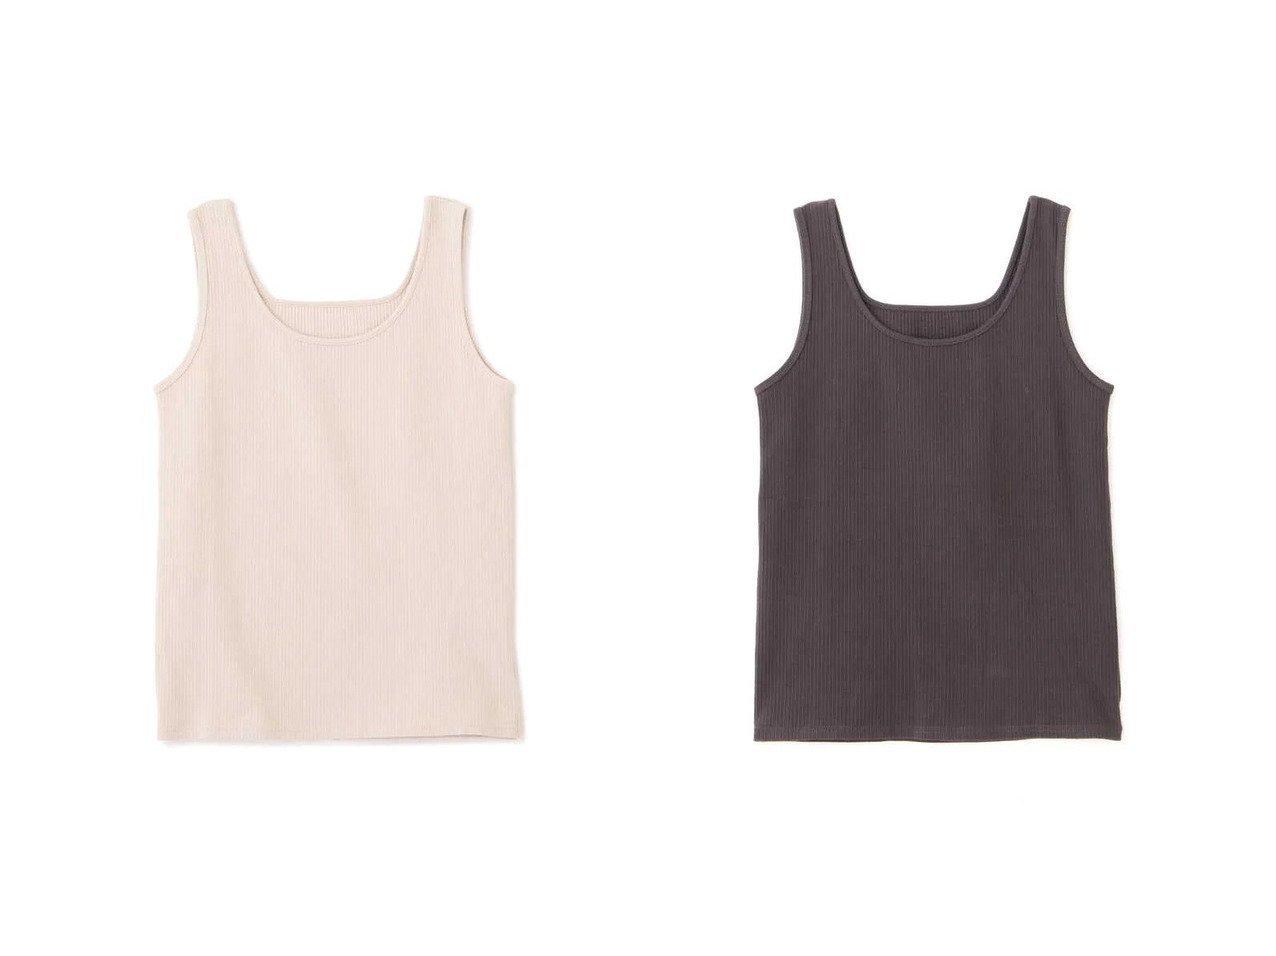 【NATURAL BEAUTY BASIC/ナチュラル ビューティー ベーシック】のコットンテレコタンク おすすめ!人気、トレンド・レディースファッションの通販  おすすめで人気の流行・トレンド、ファッションの通販商品 メンズファッション・キッズファッション・インテリア・家具・レディースファッション・服の通販 founy(ファニー) https://founy.com/ ファッション Fashion レディースファッション WOMEN インナー スクエア タンク テレコ ラウンド 人気  ID:crp329100000024676